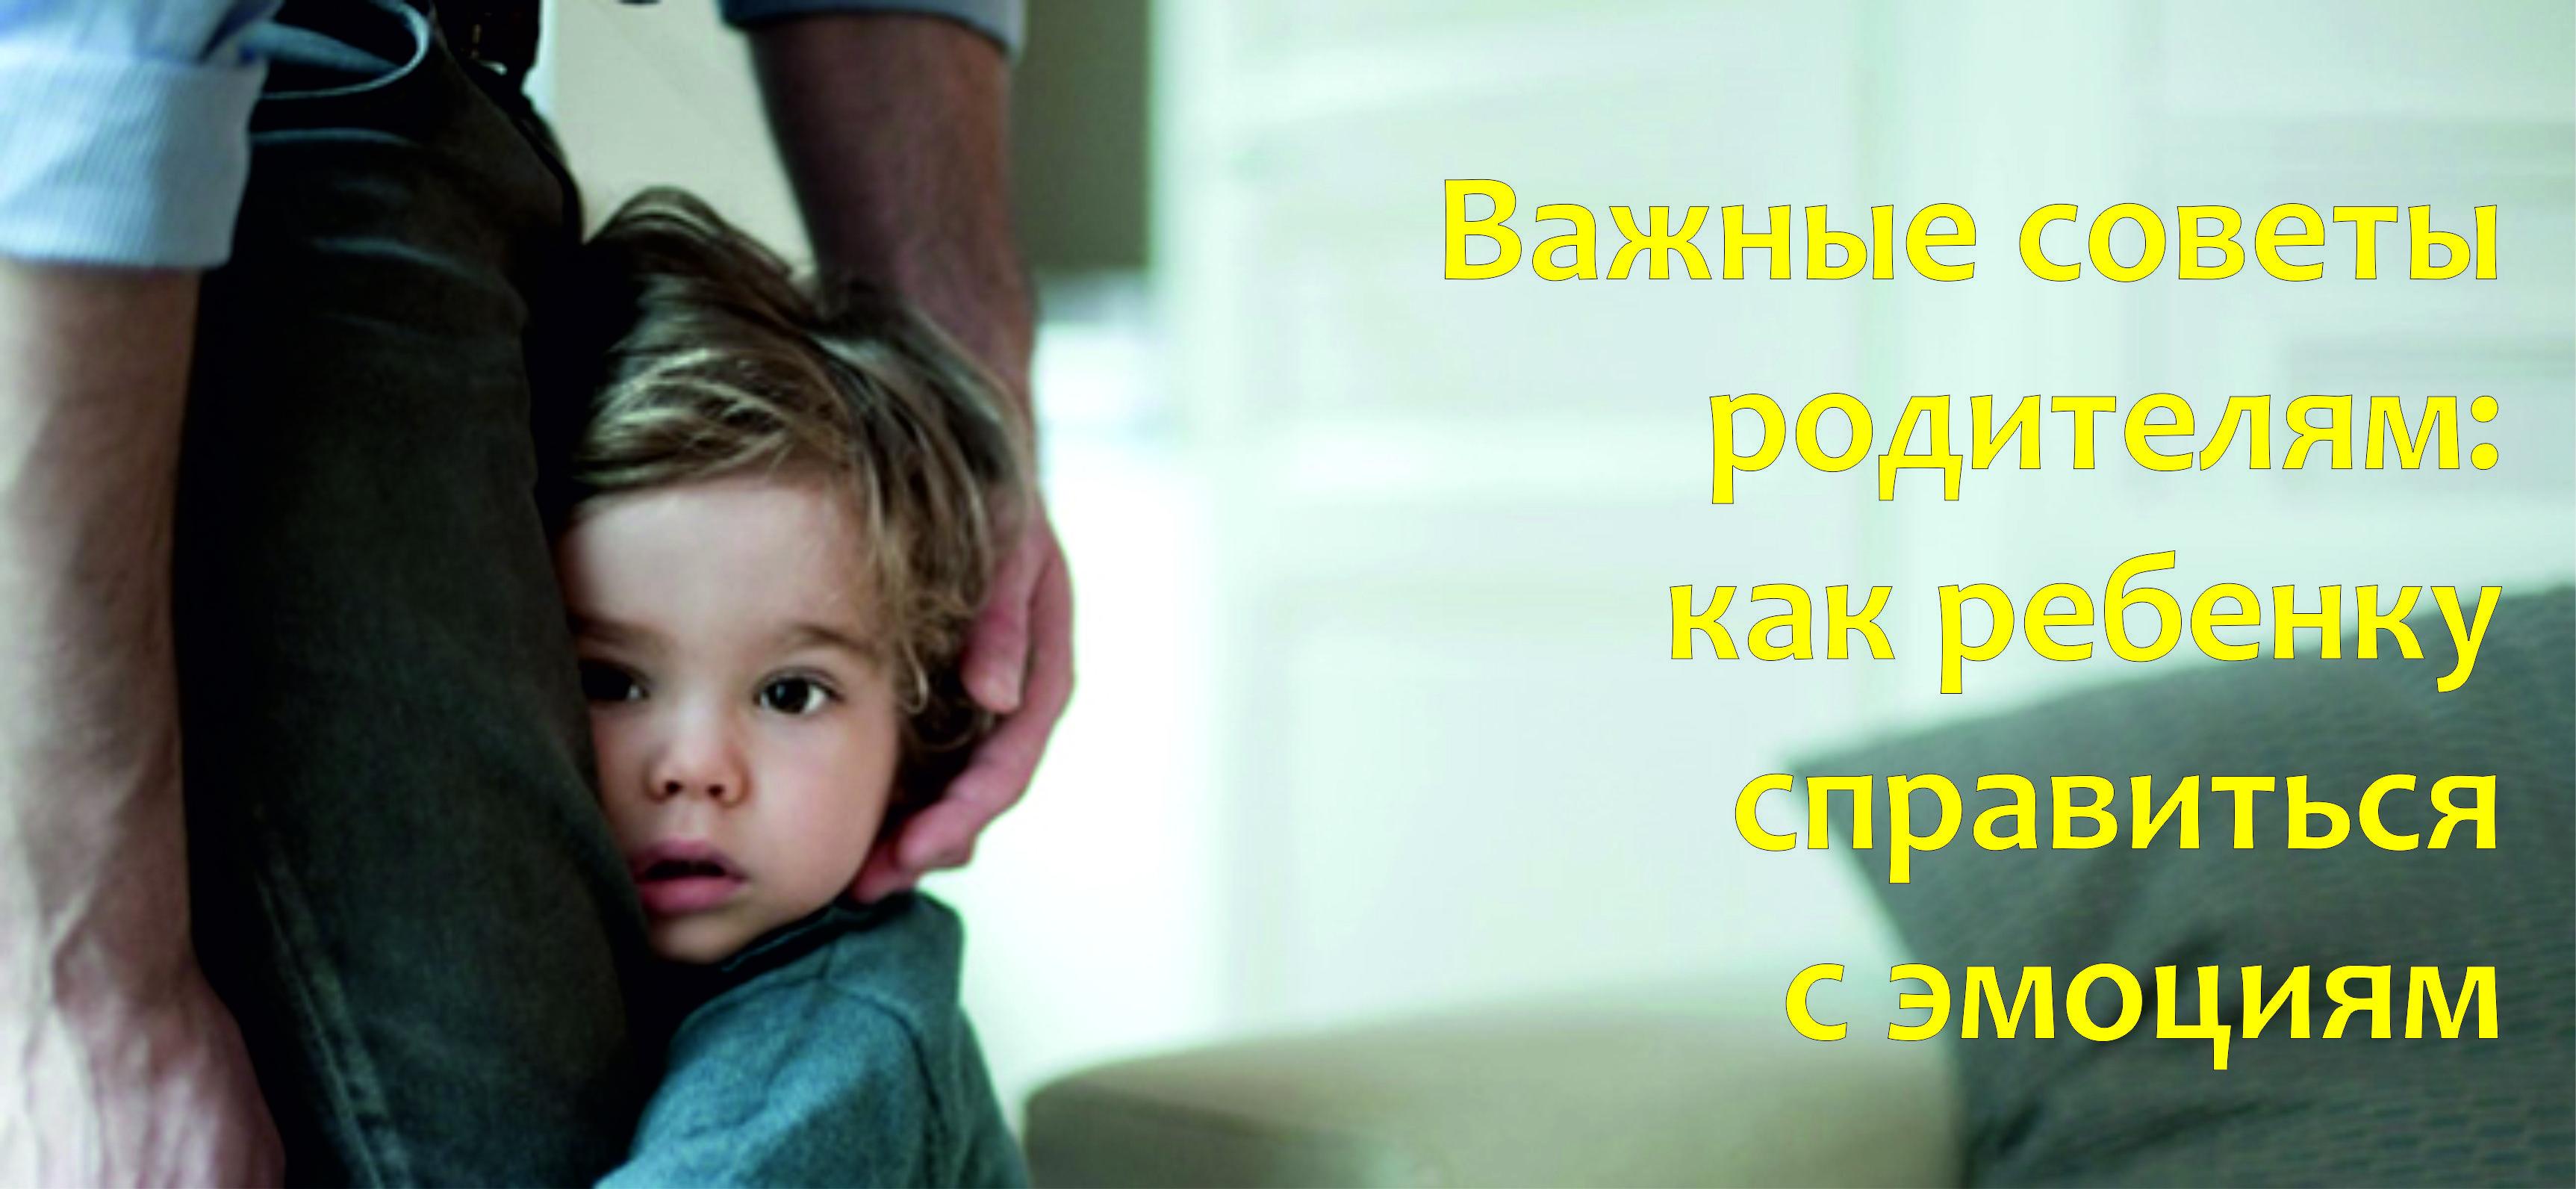 как ребенку справиться с эмоциями